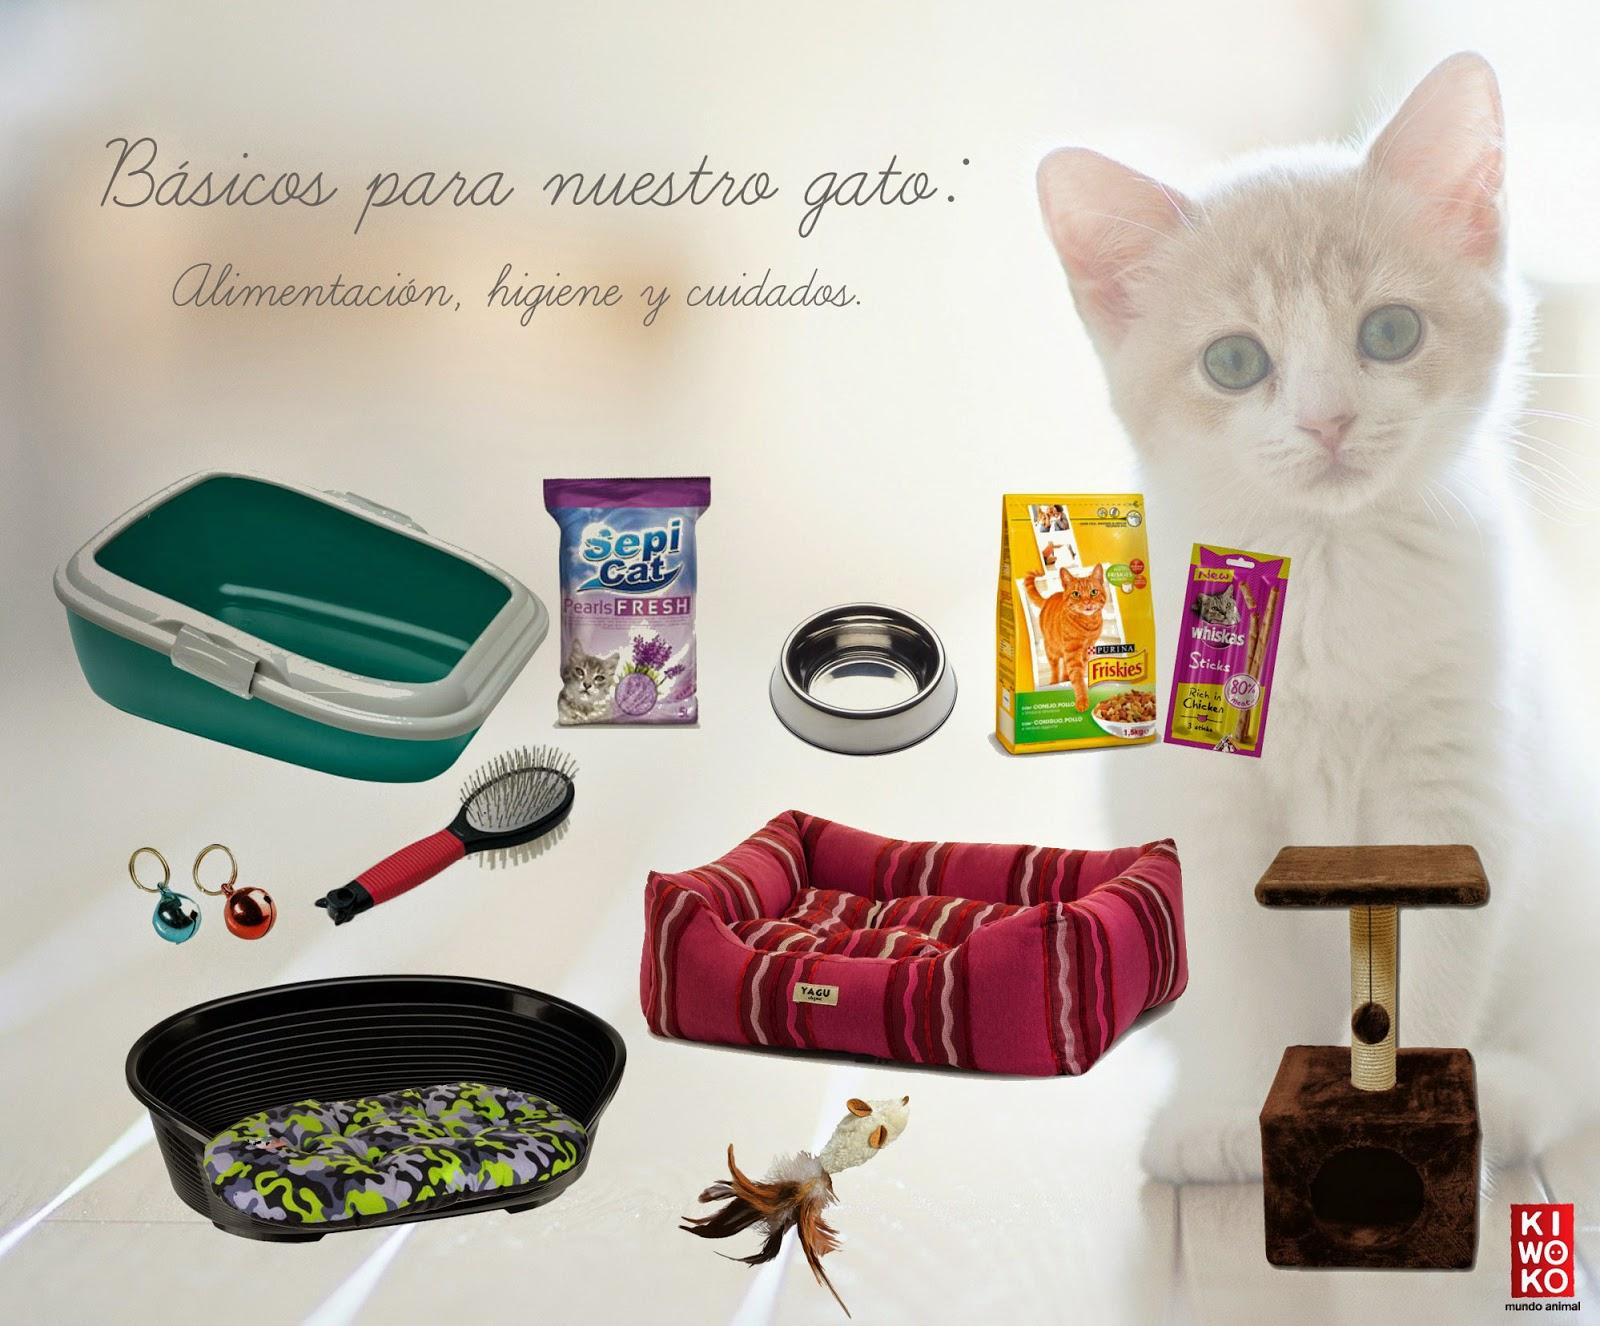 Productos gato